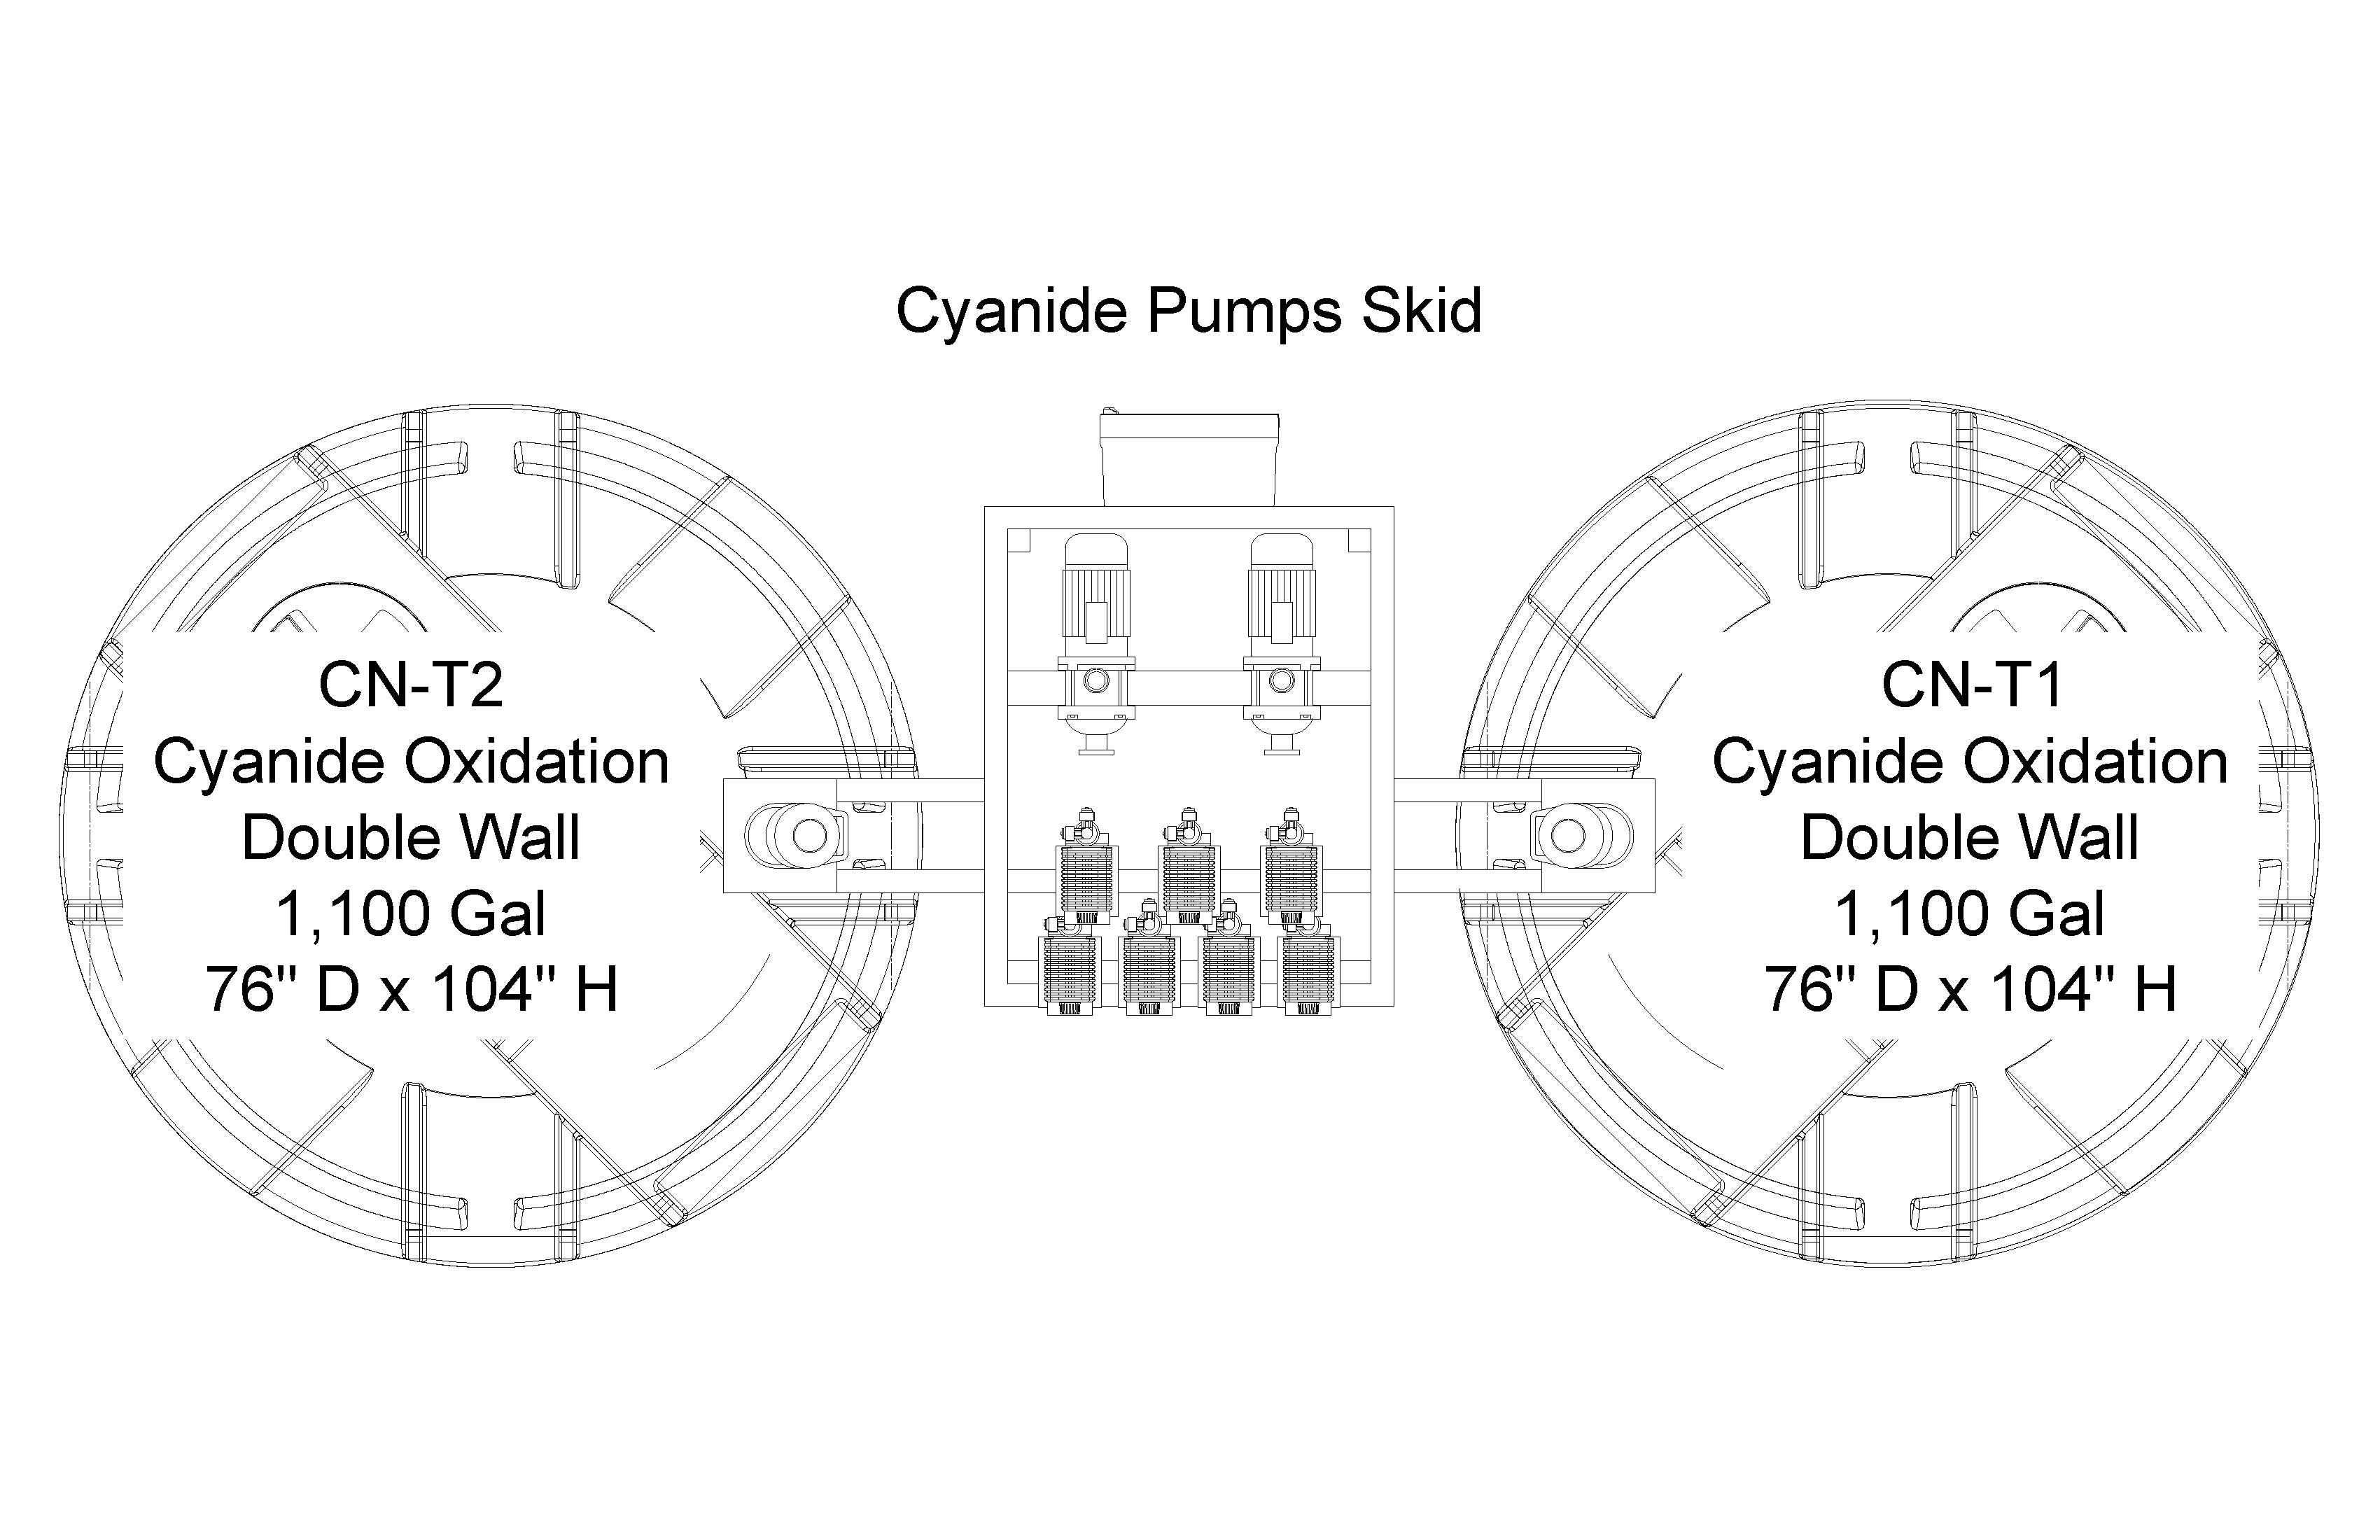 cyanide oxydation